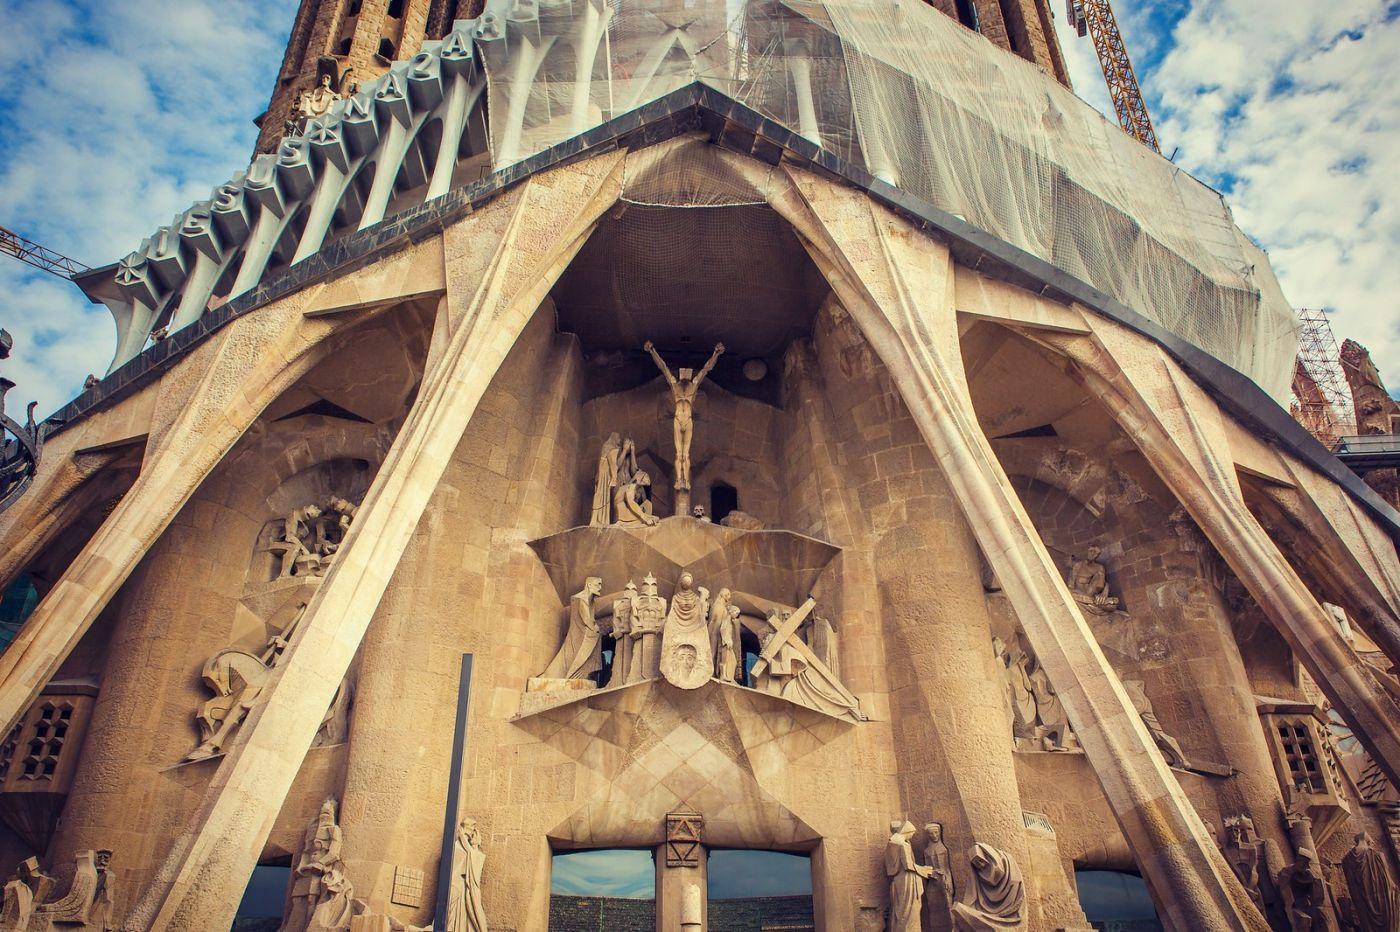 西班牙圣家堂(Sagrada Família),百年还未完工的世界遗产_图1-2